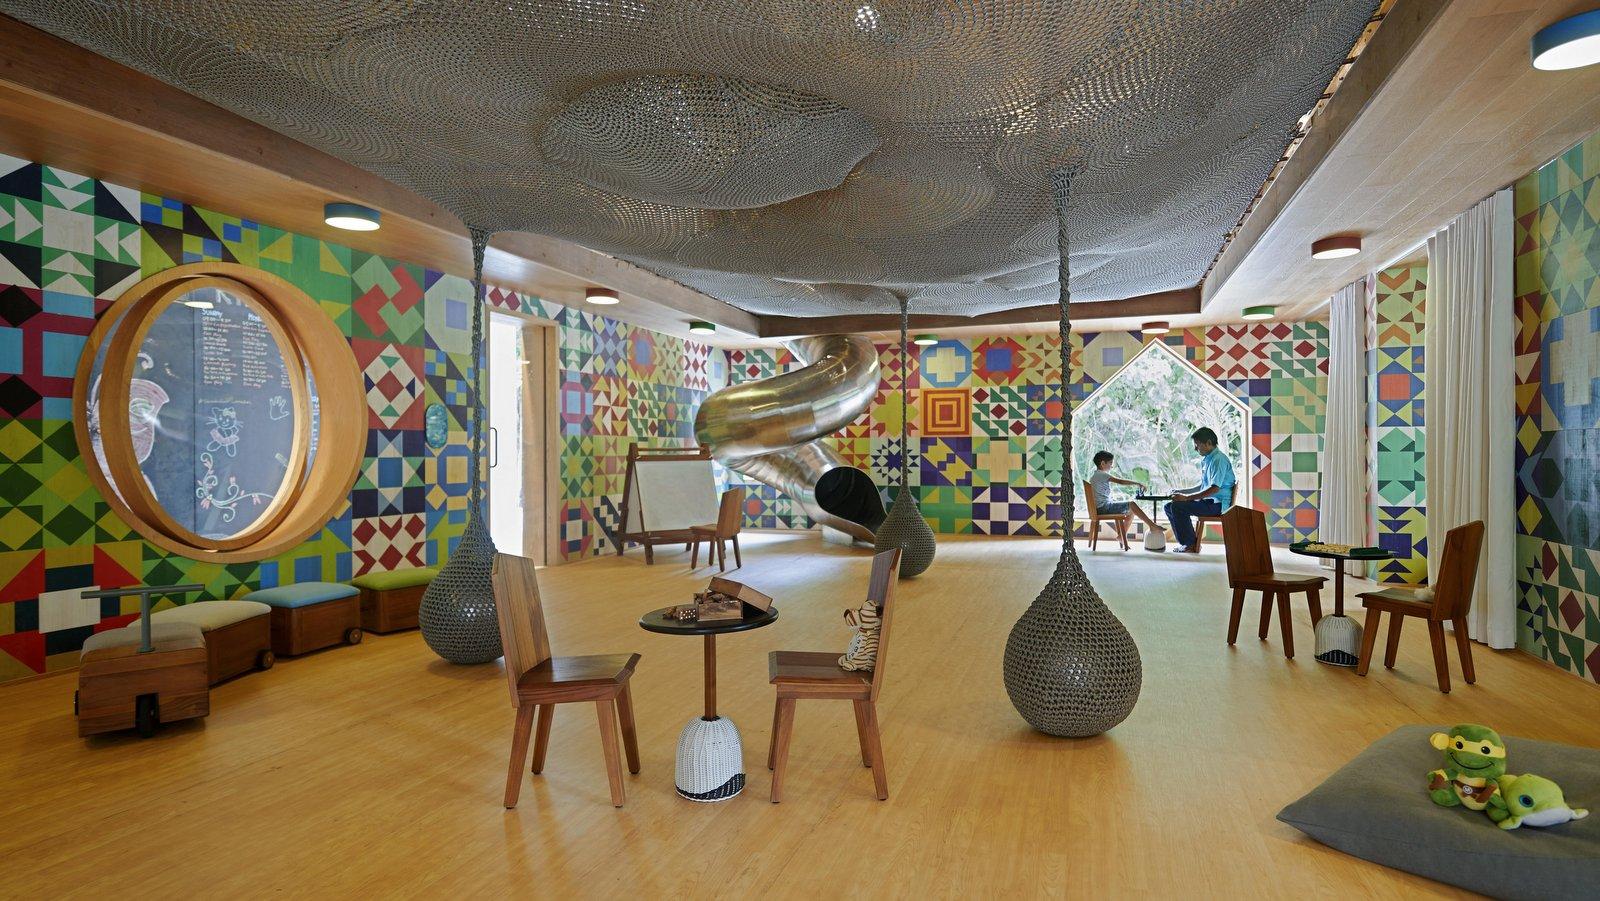 Мальдивы, отель Fairmont Maldives Sirru Fen Fushi, детский клуб